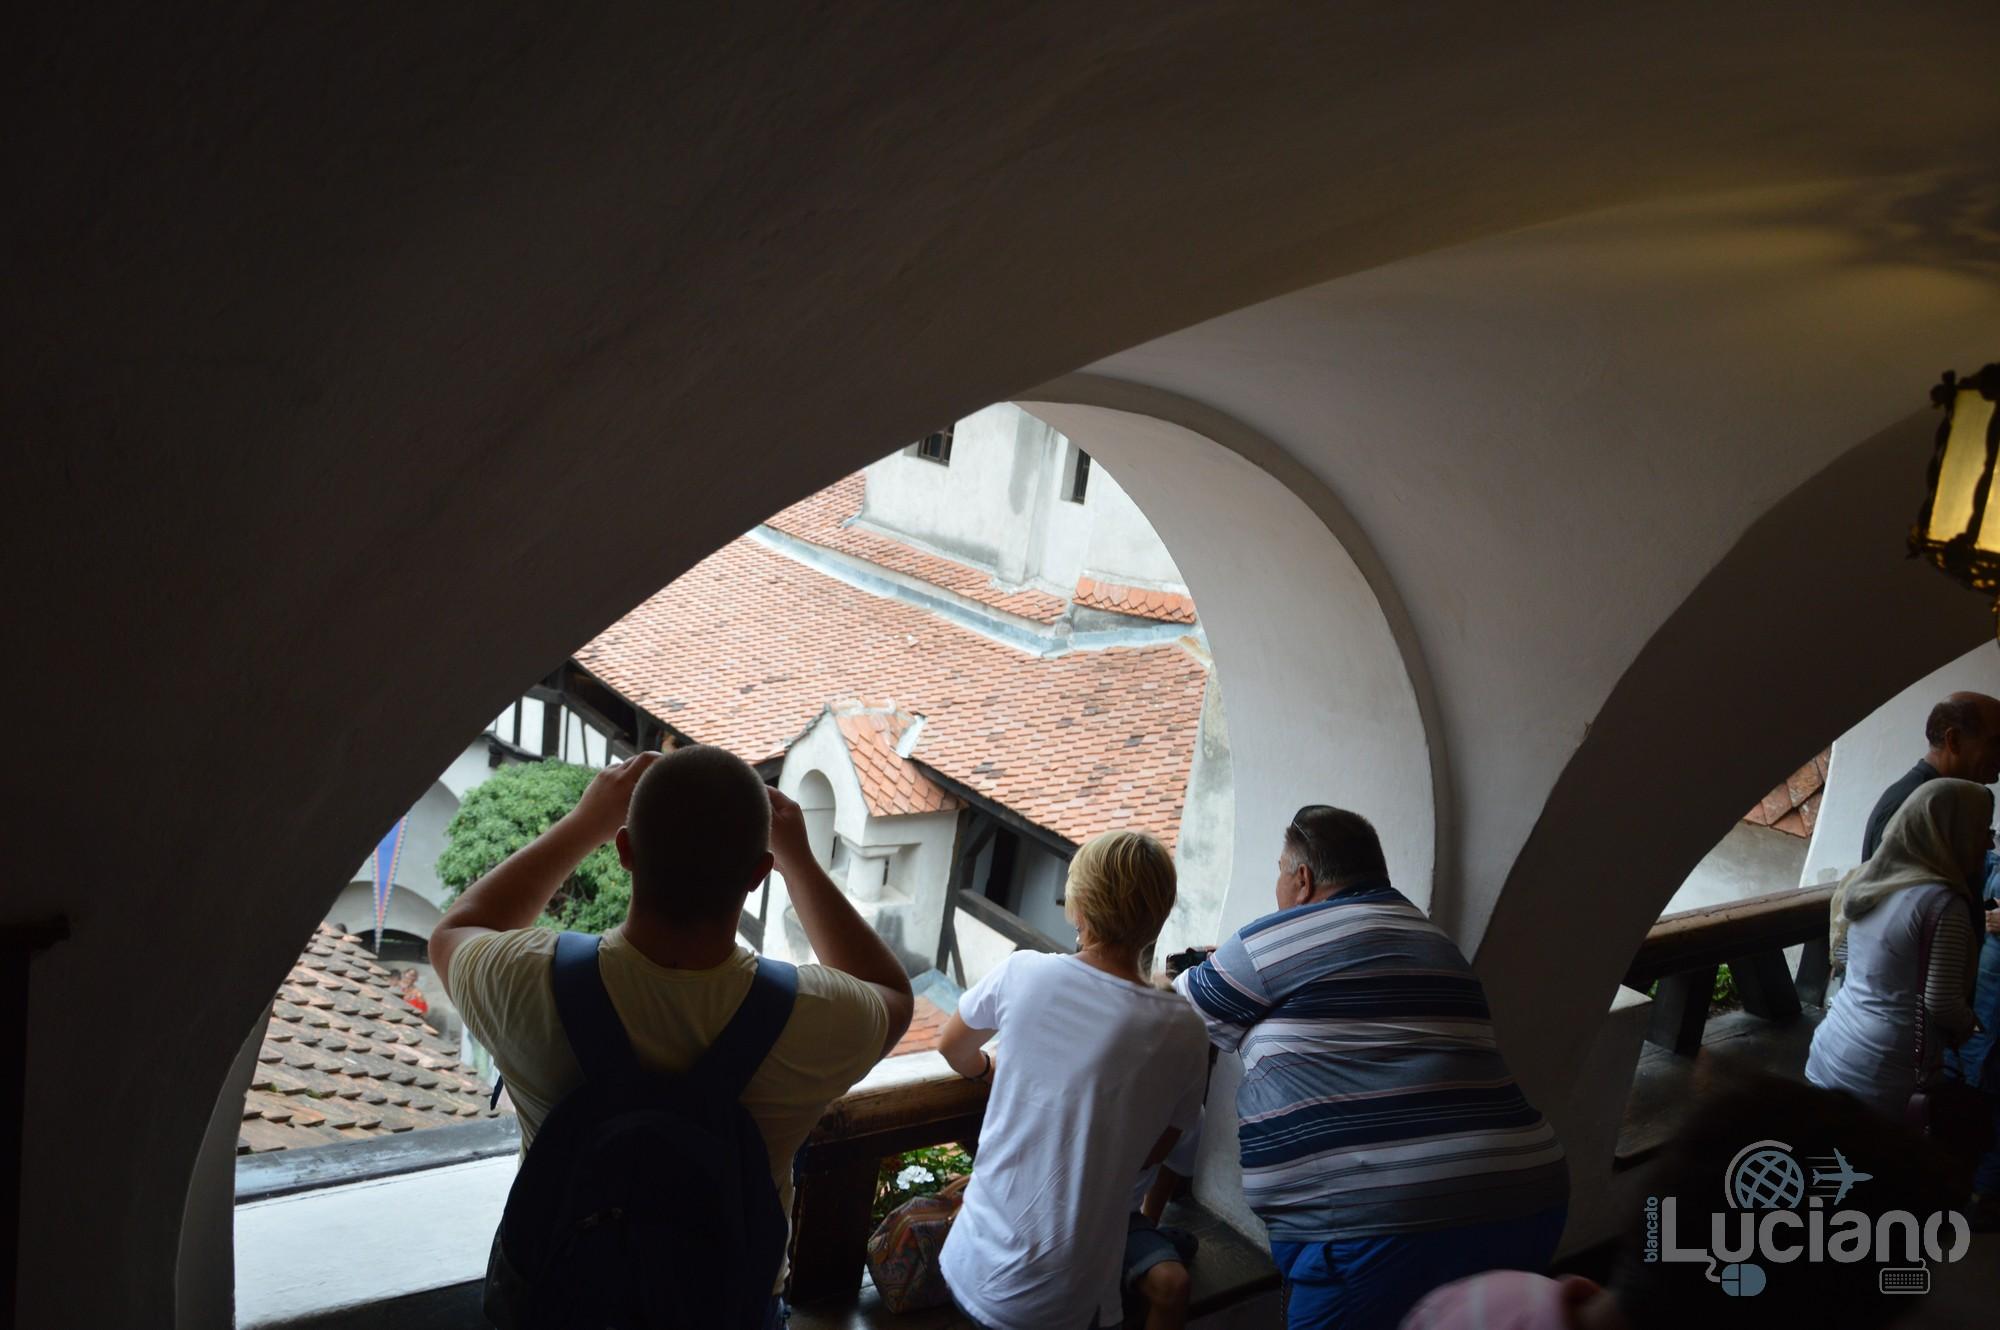 castello-di-dracula-castello-di-bran-luciano-blancato (67)